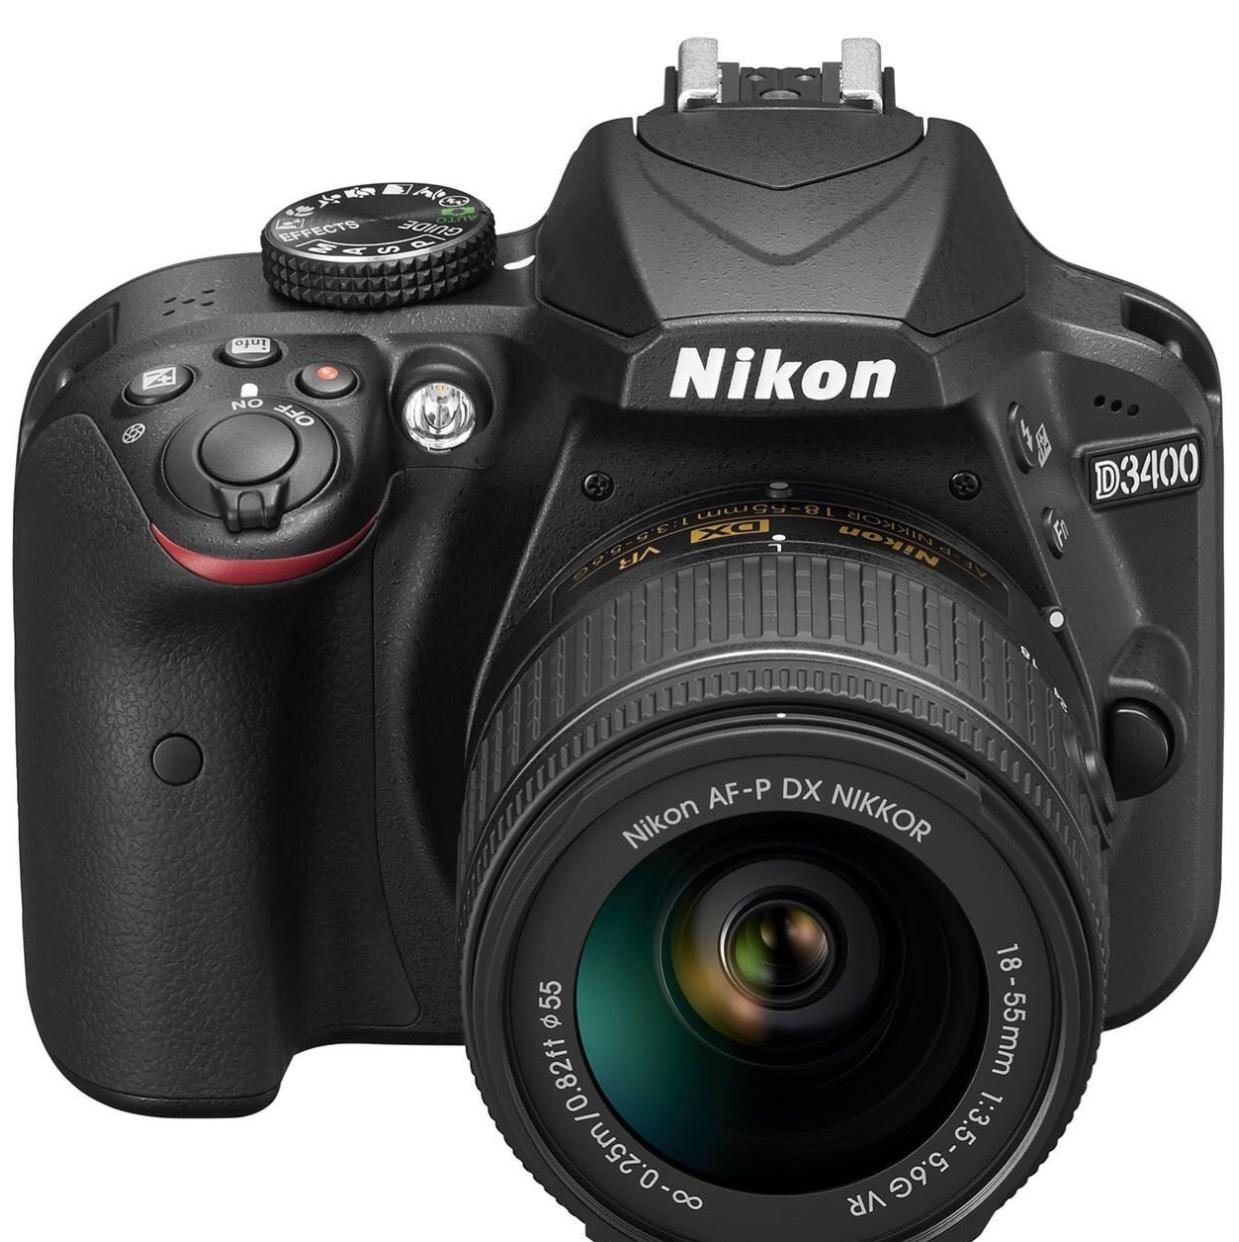 Nikon D3400 AF-P 18-55VR Digital SLR Camera & Lens Kit Black - £329.99 with £100 off promo @ Amazon & Free Delivery